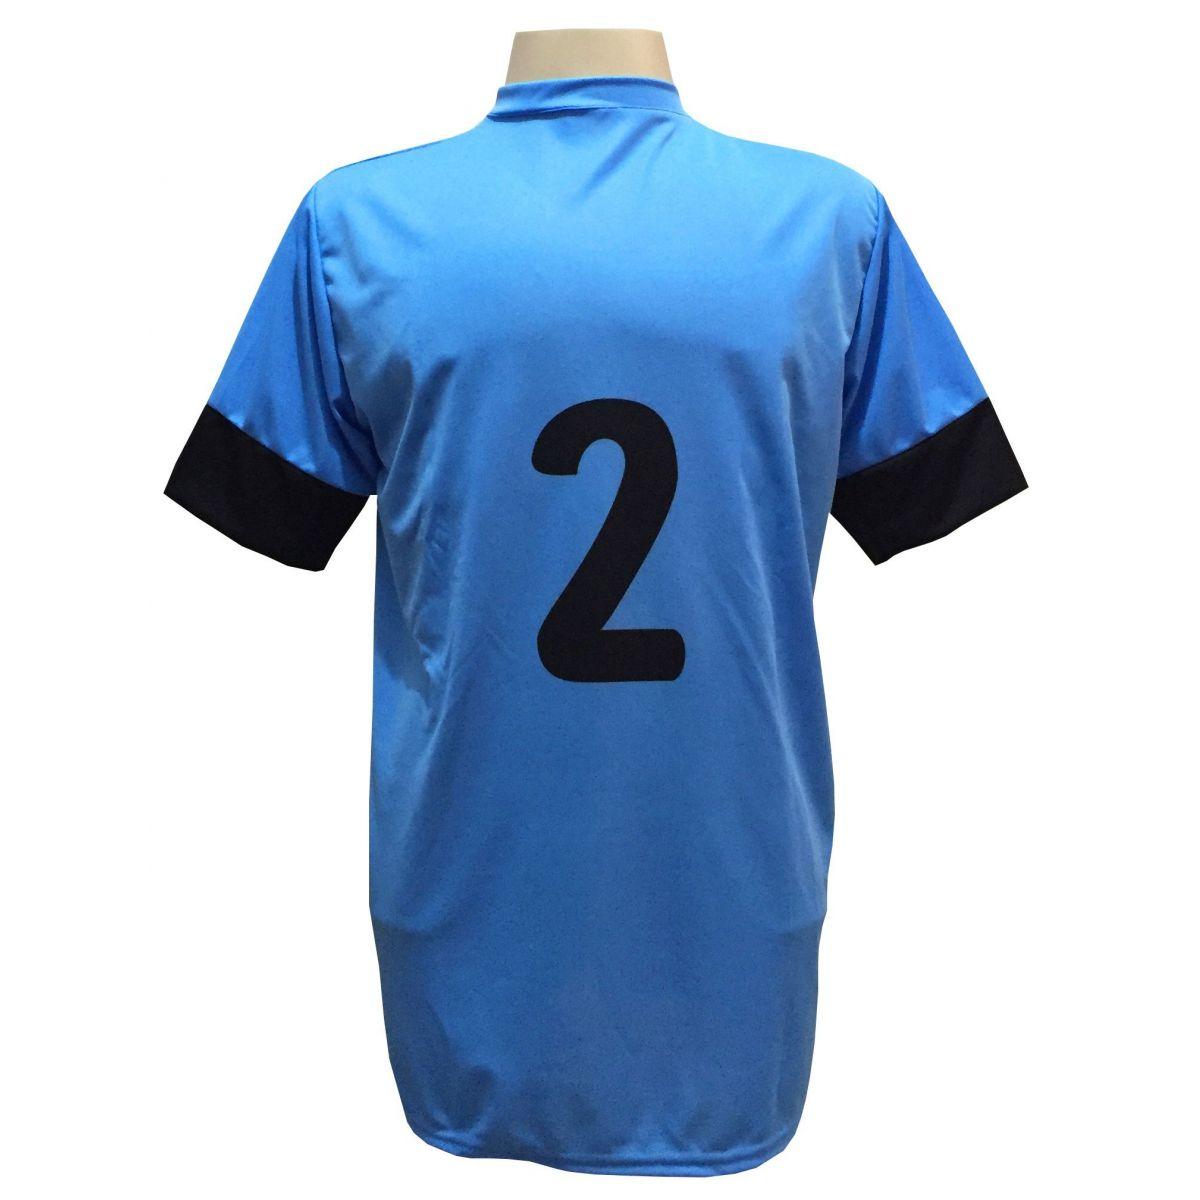 Uniforme Esportivo com 18 camisas modelo Columbus Celeste/Preto + 18 calções modelo Madrid + 1 Goleiro + Brindes